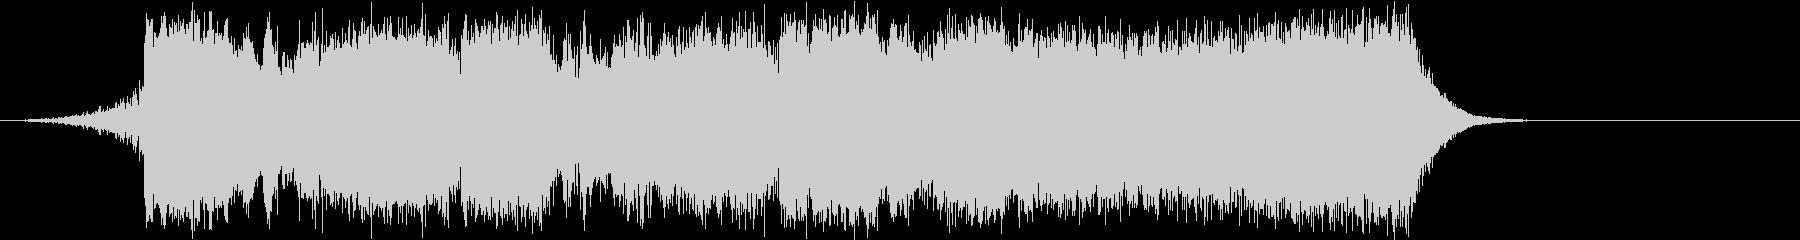 ピンチシーンのRPG系オーケストラBGMの未再生の波形